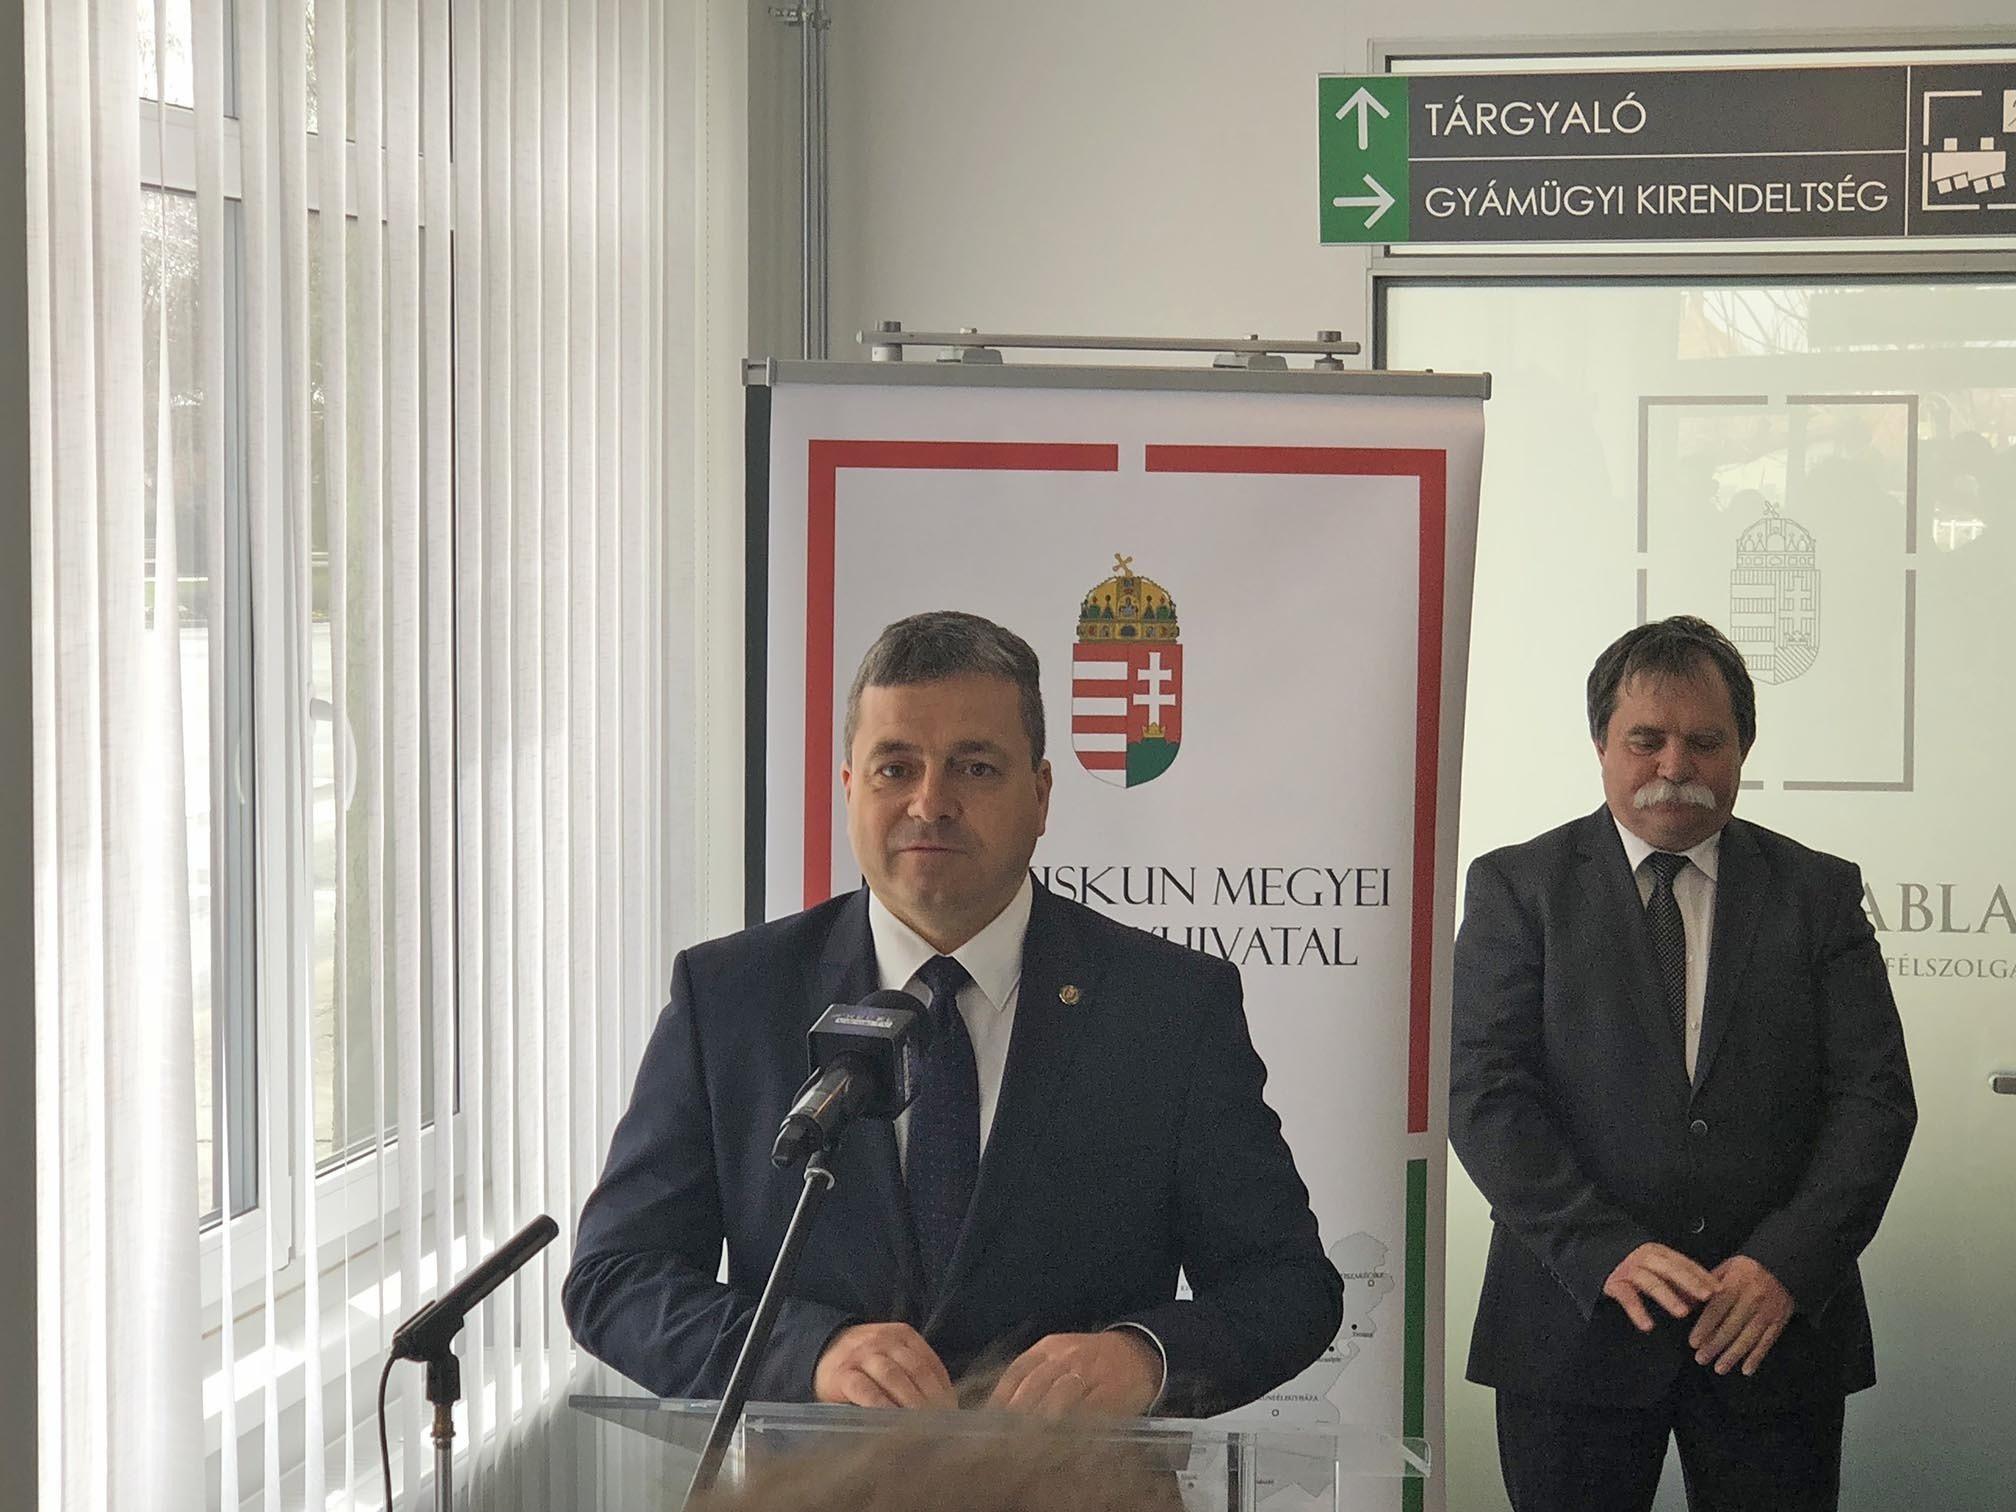 Nem jelentek meg ellenzéki politikusok a keceli új Kormányablak avatón